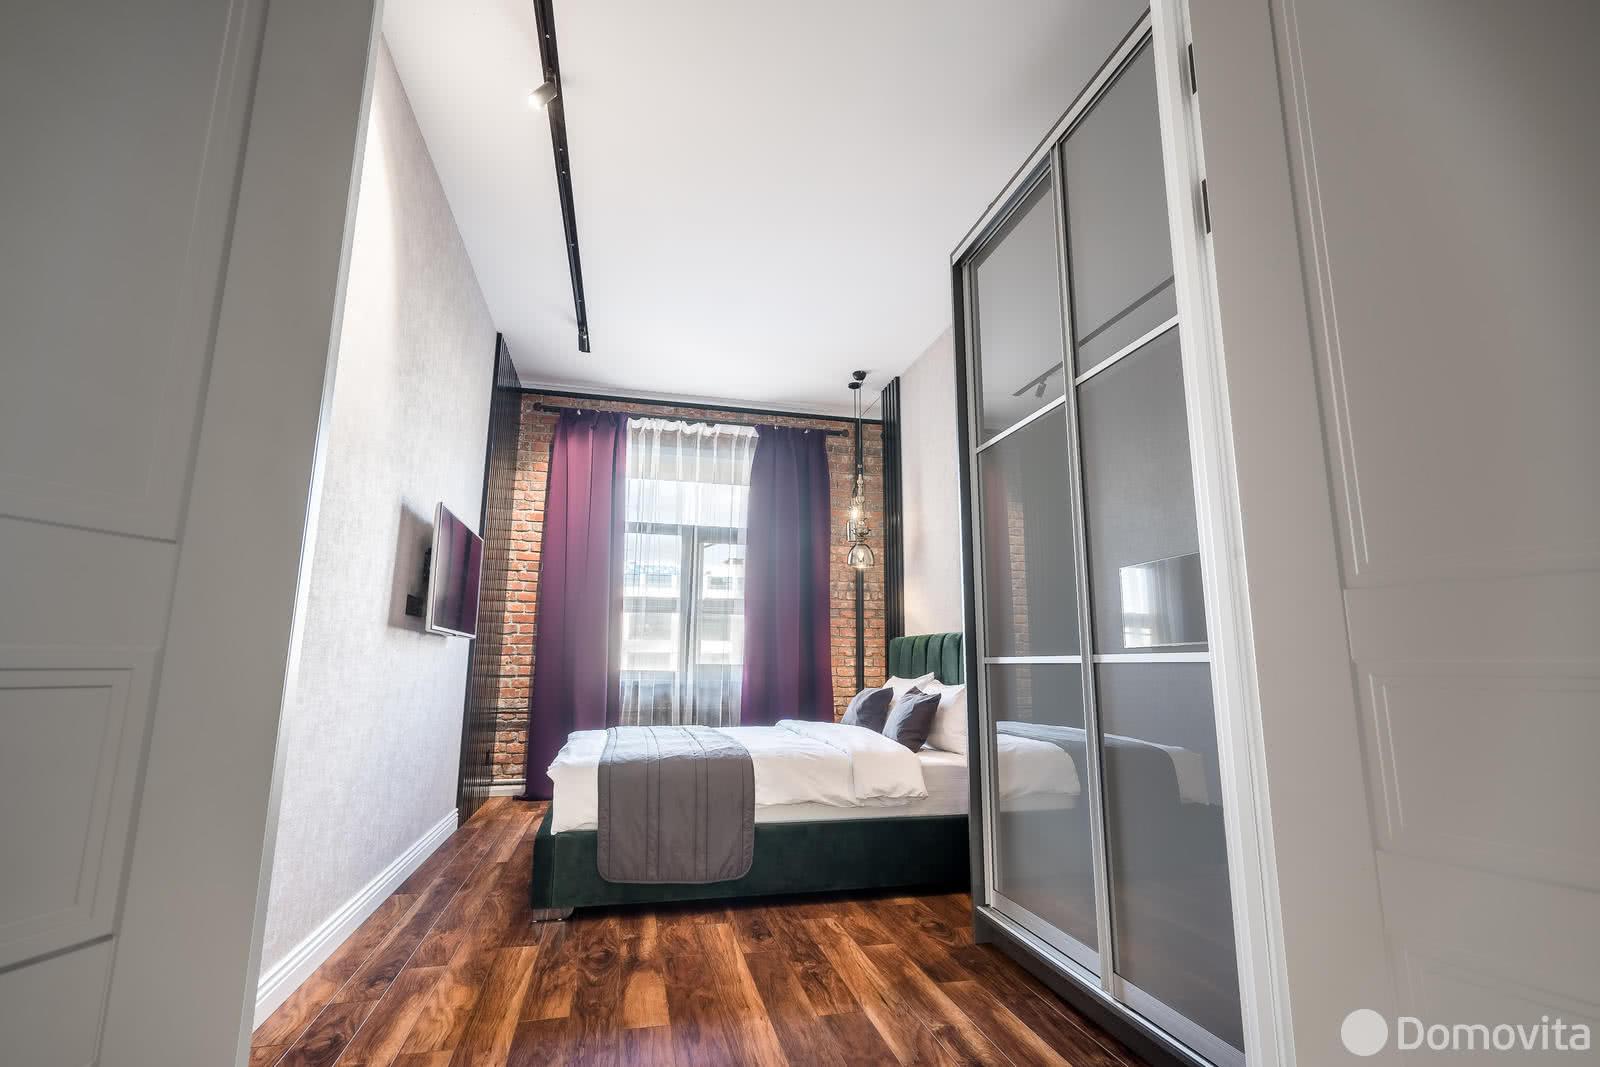 Аренда 3-комнатной квартиры на сутки в Минске ул. Свердлова, д. 24 - фото 6